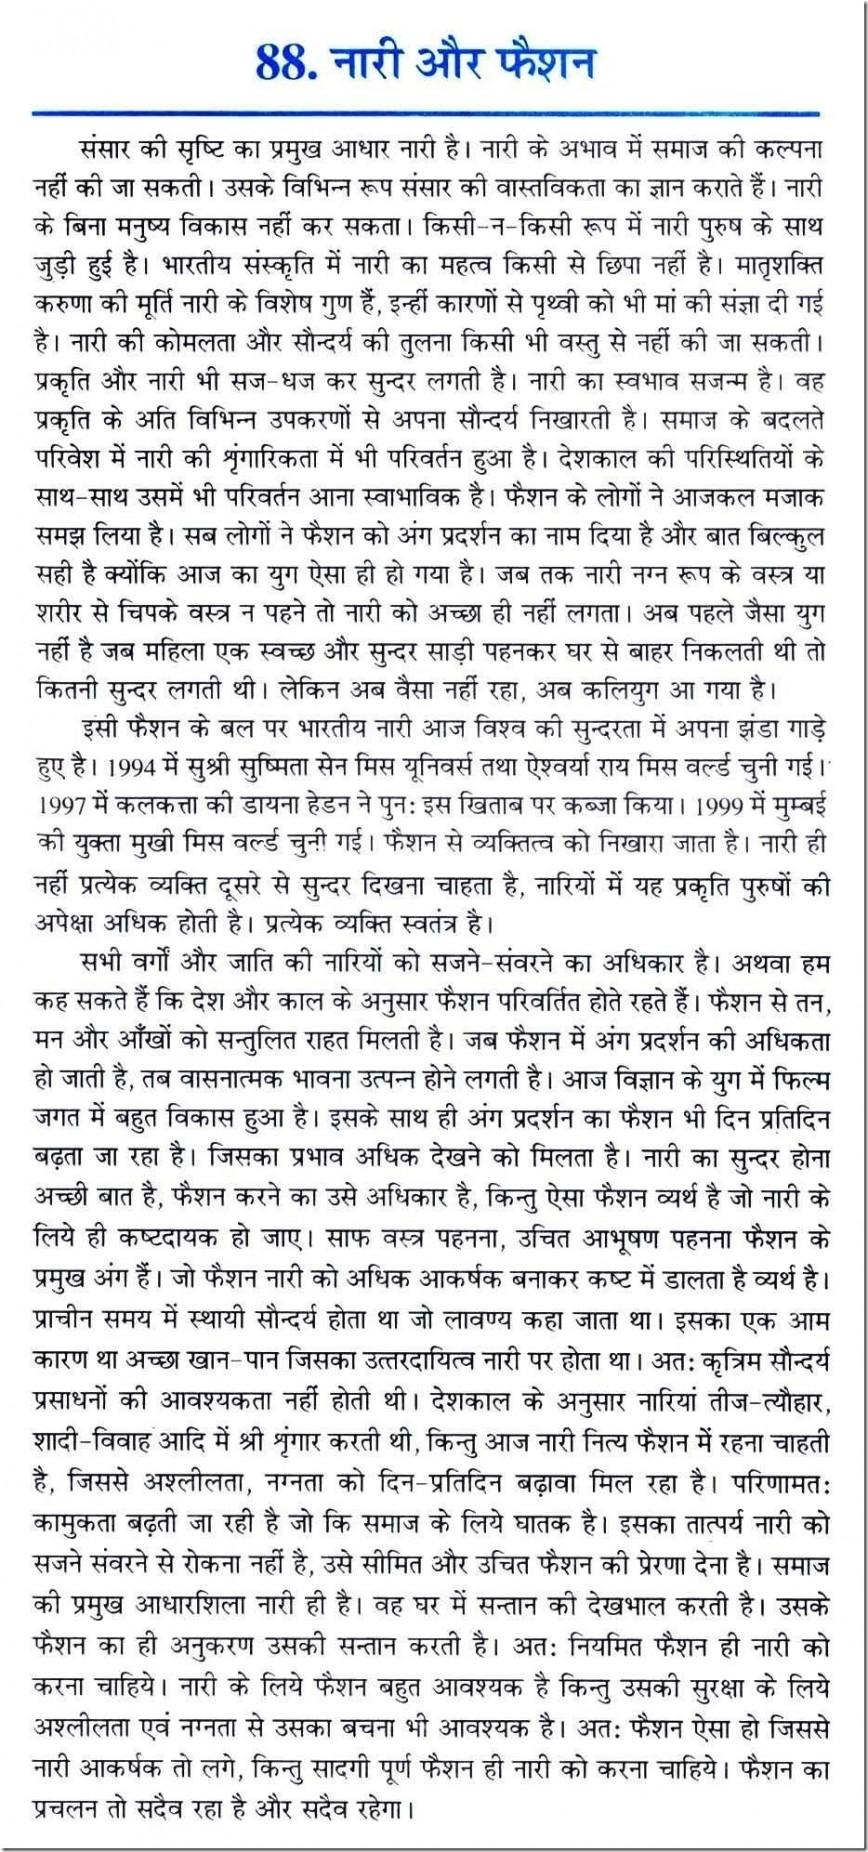 007 Fashion Essay Example Best Vidyarthi Te In Punjabi Photography Titles Hindi